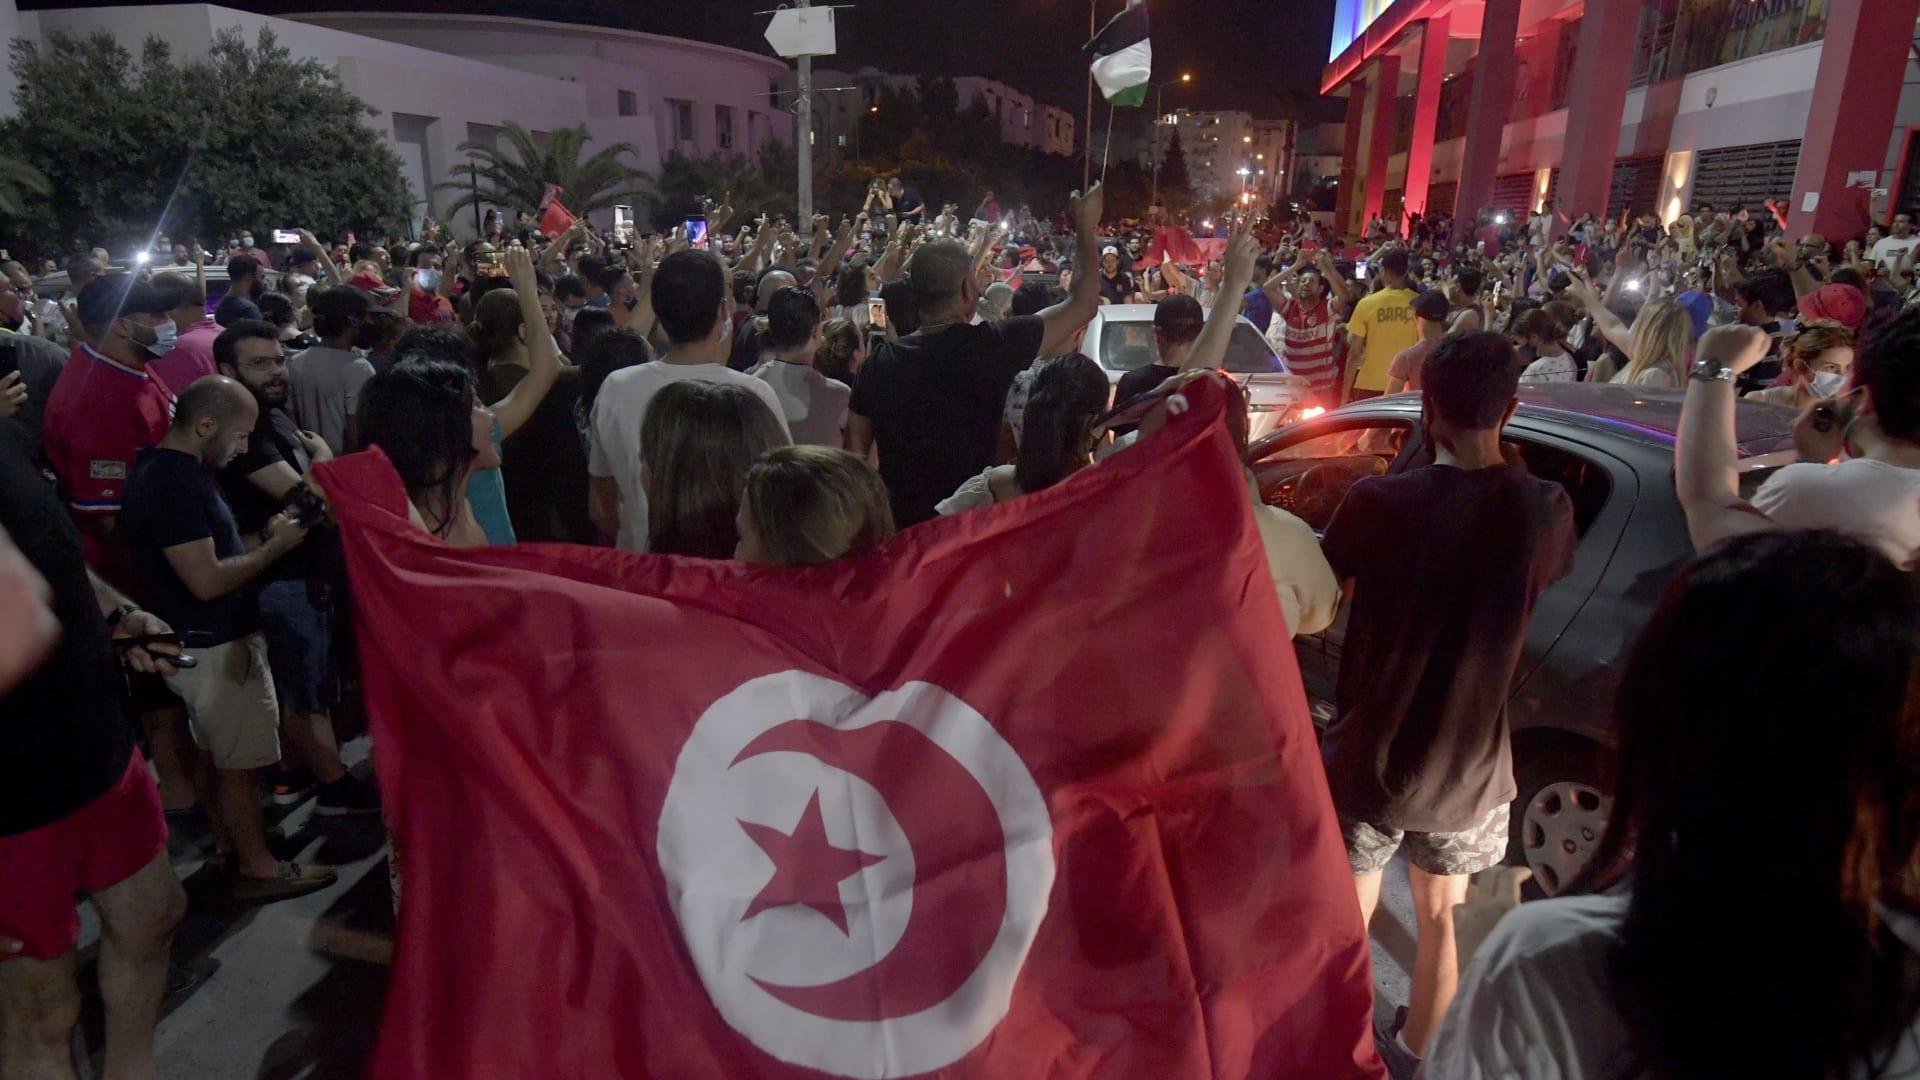 بعد قرارات قيس السعيد.. هل ستكون نهاية الدمقراطية في تونس؟